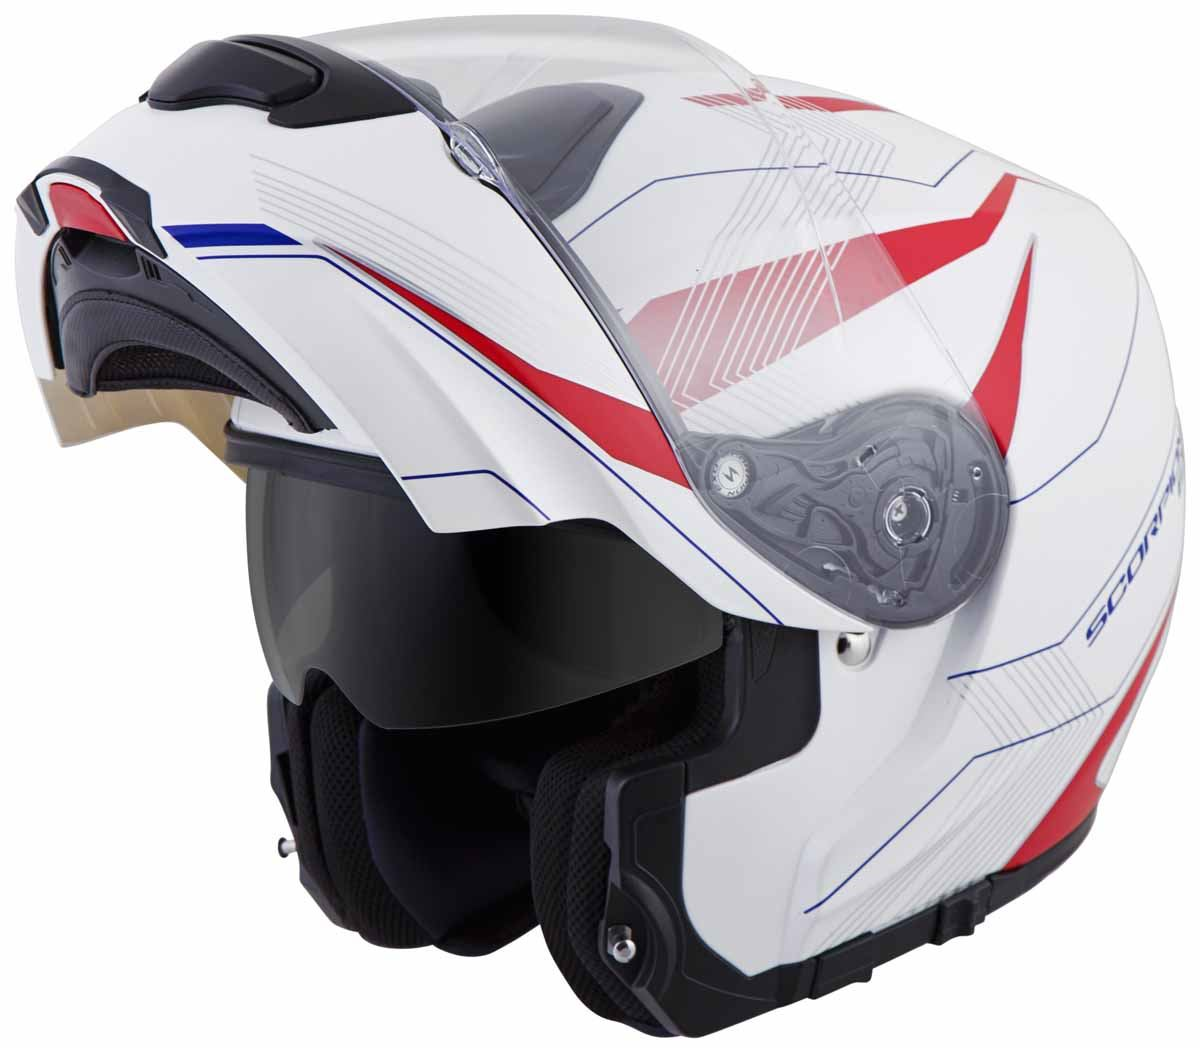 Scorpion-EXO-GT3000-Helmet-Modular-Flip-Up-Premium-DOT-Approved-XS-2XL miniature 24